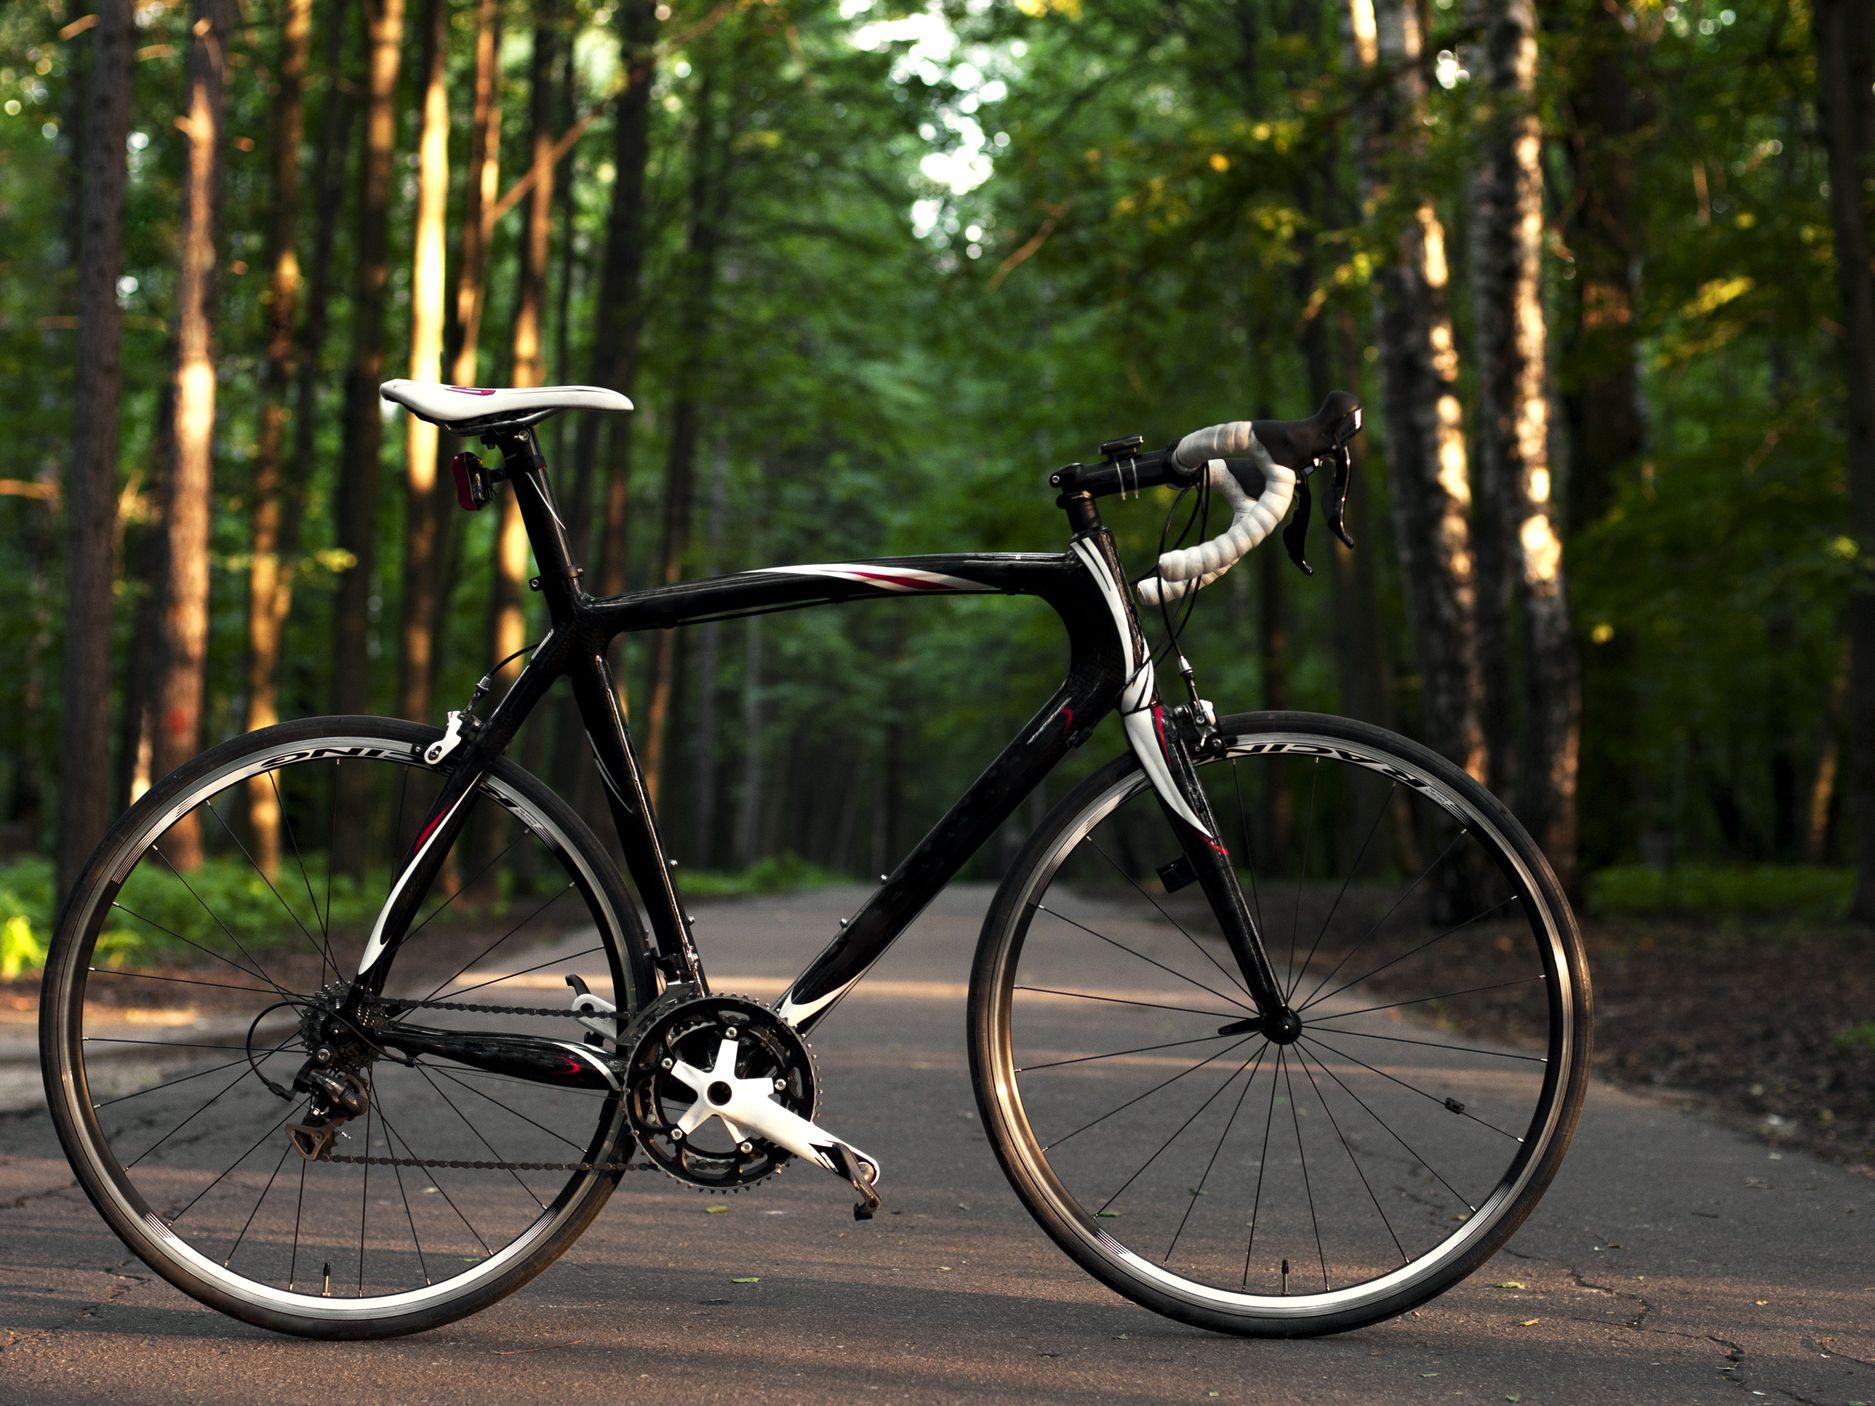 فیبر کربن در دوچرخه